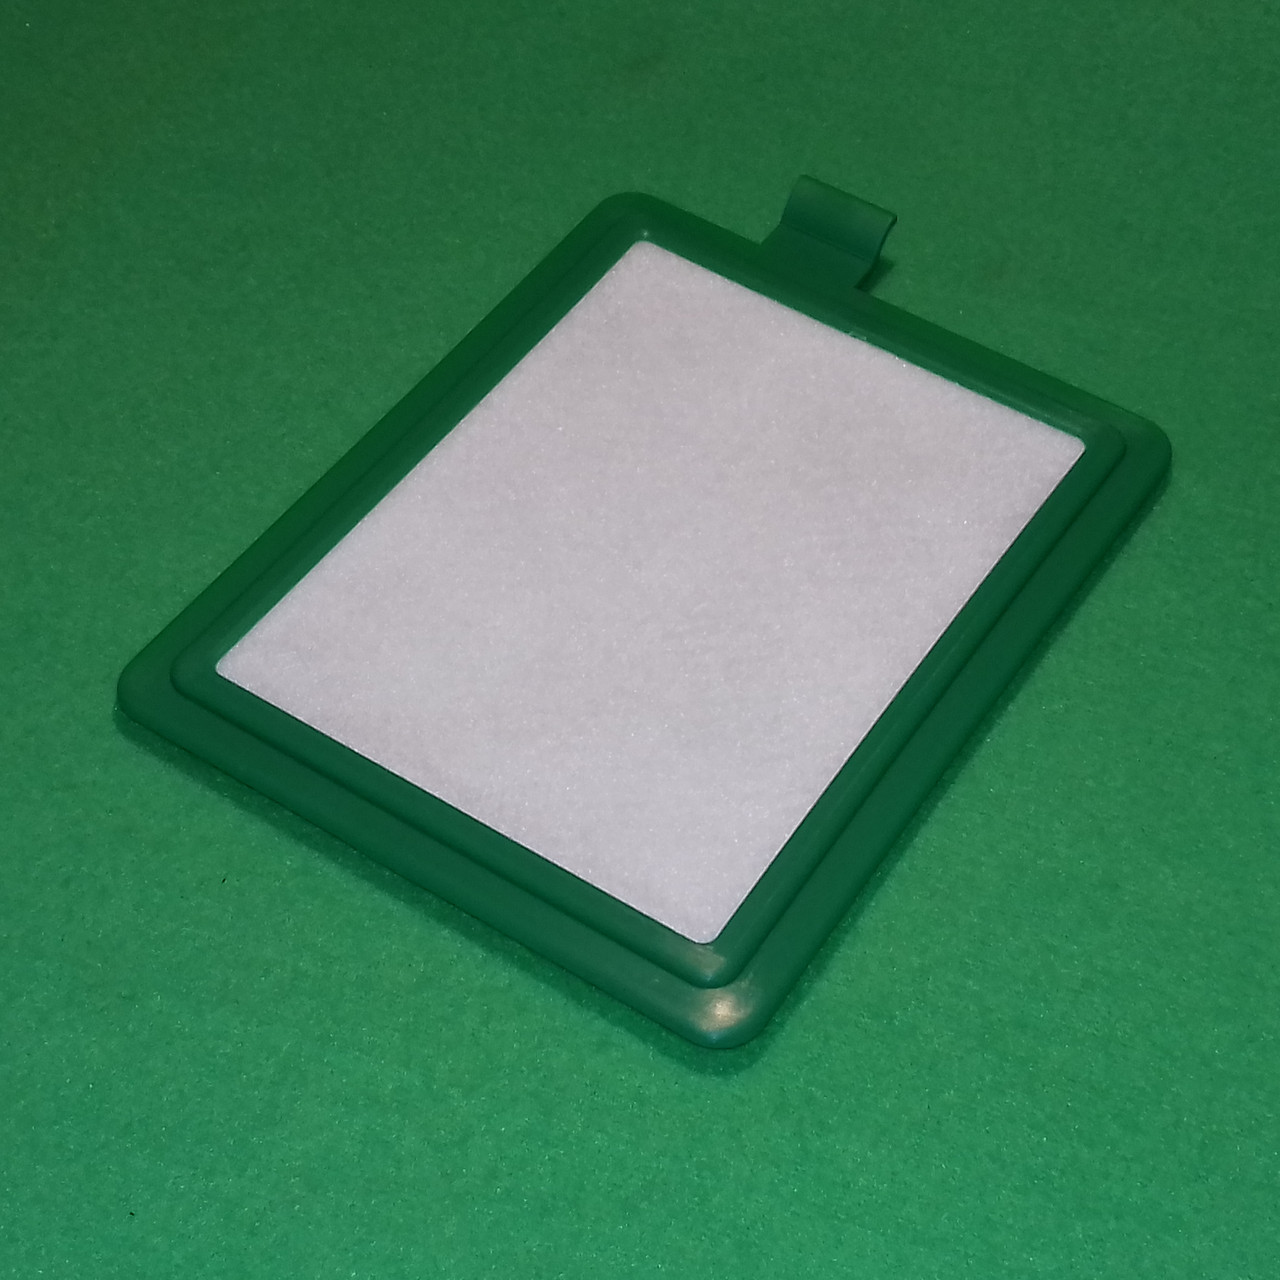 Фільтр (FR-01, EF17, 9092880526) для пилососа Electrolux, AEG, Privileg і т. д.